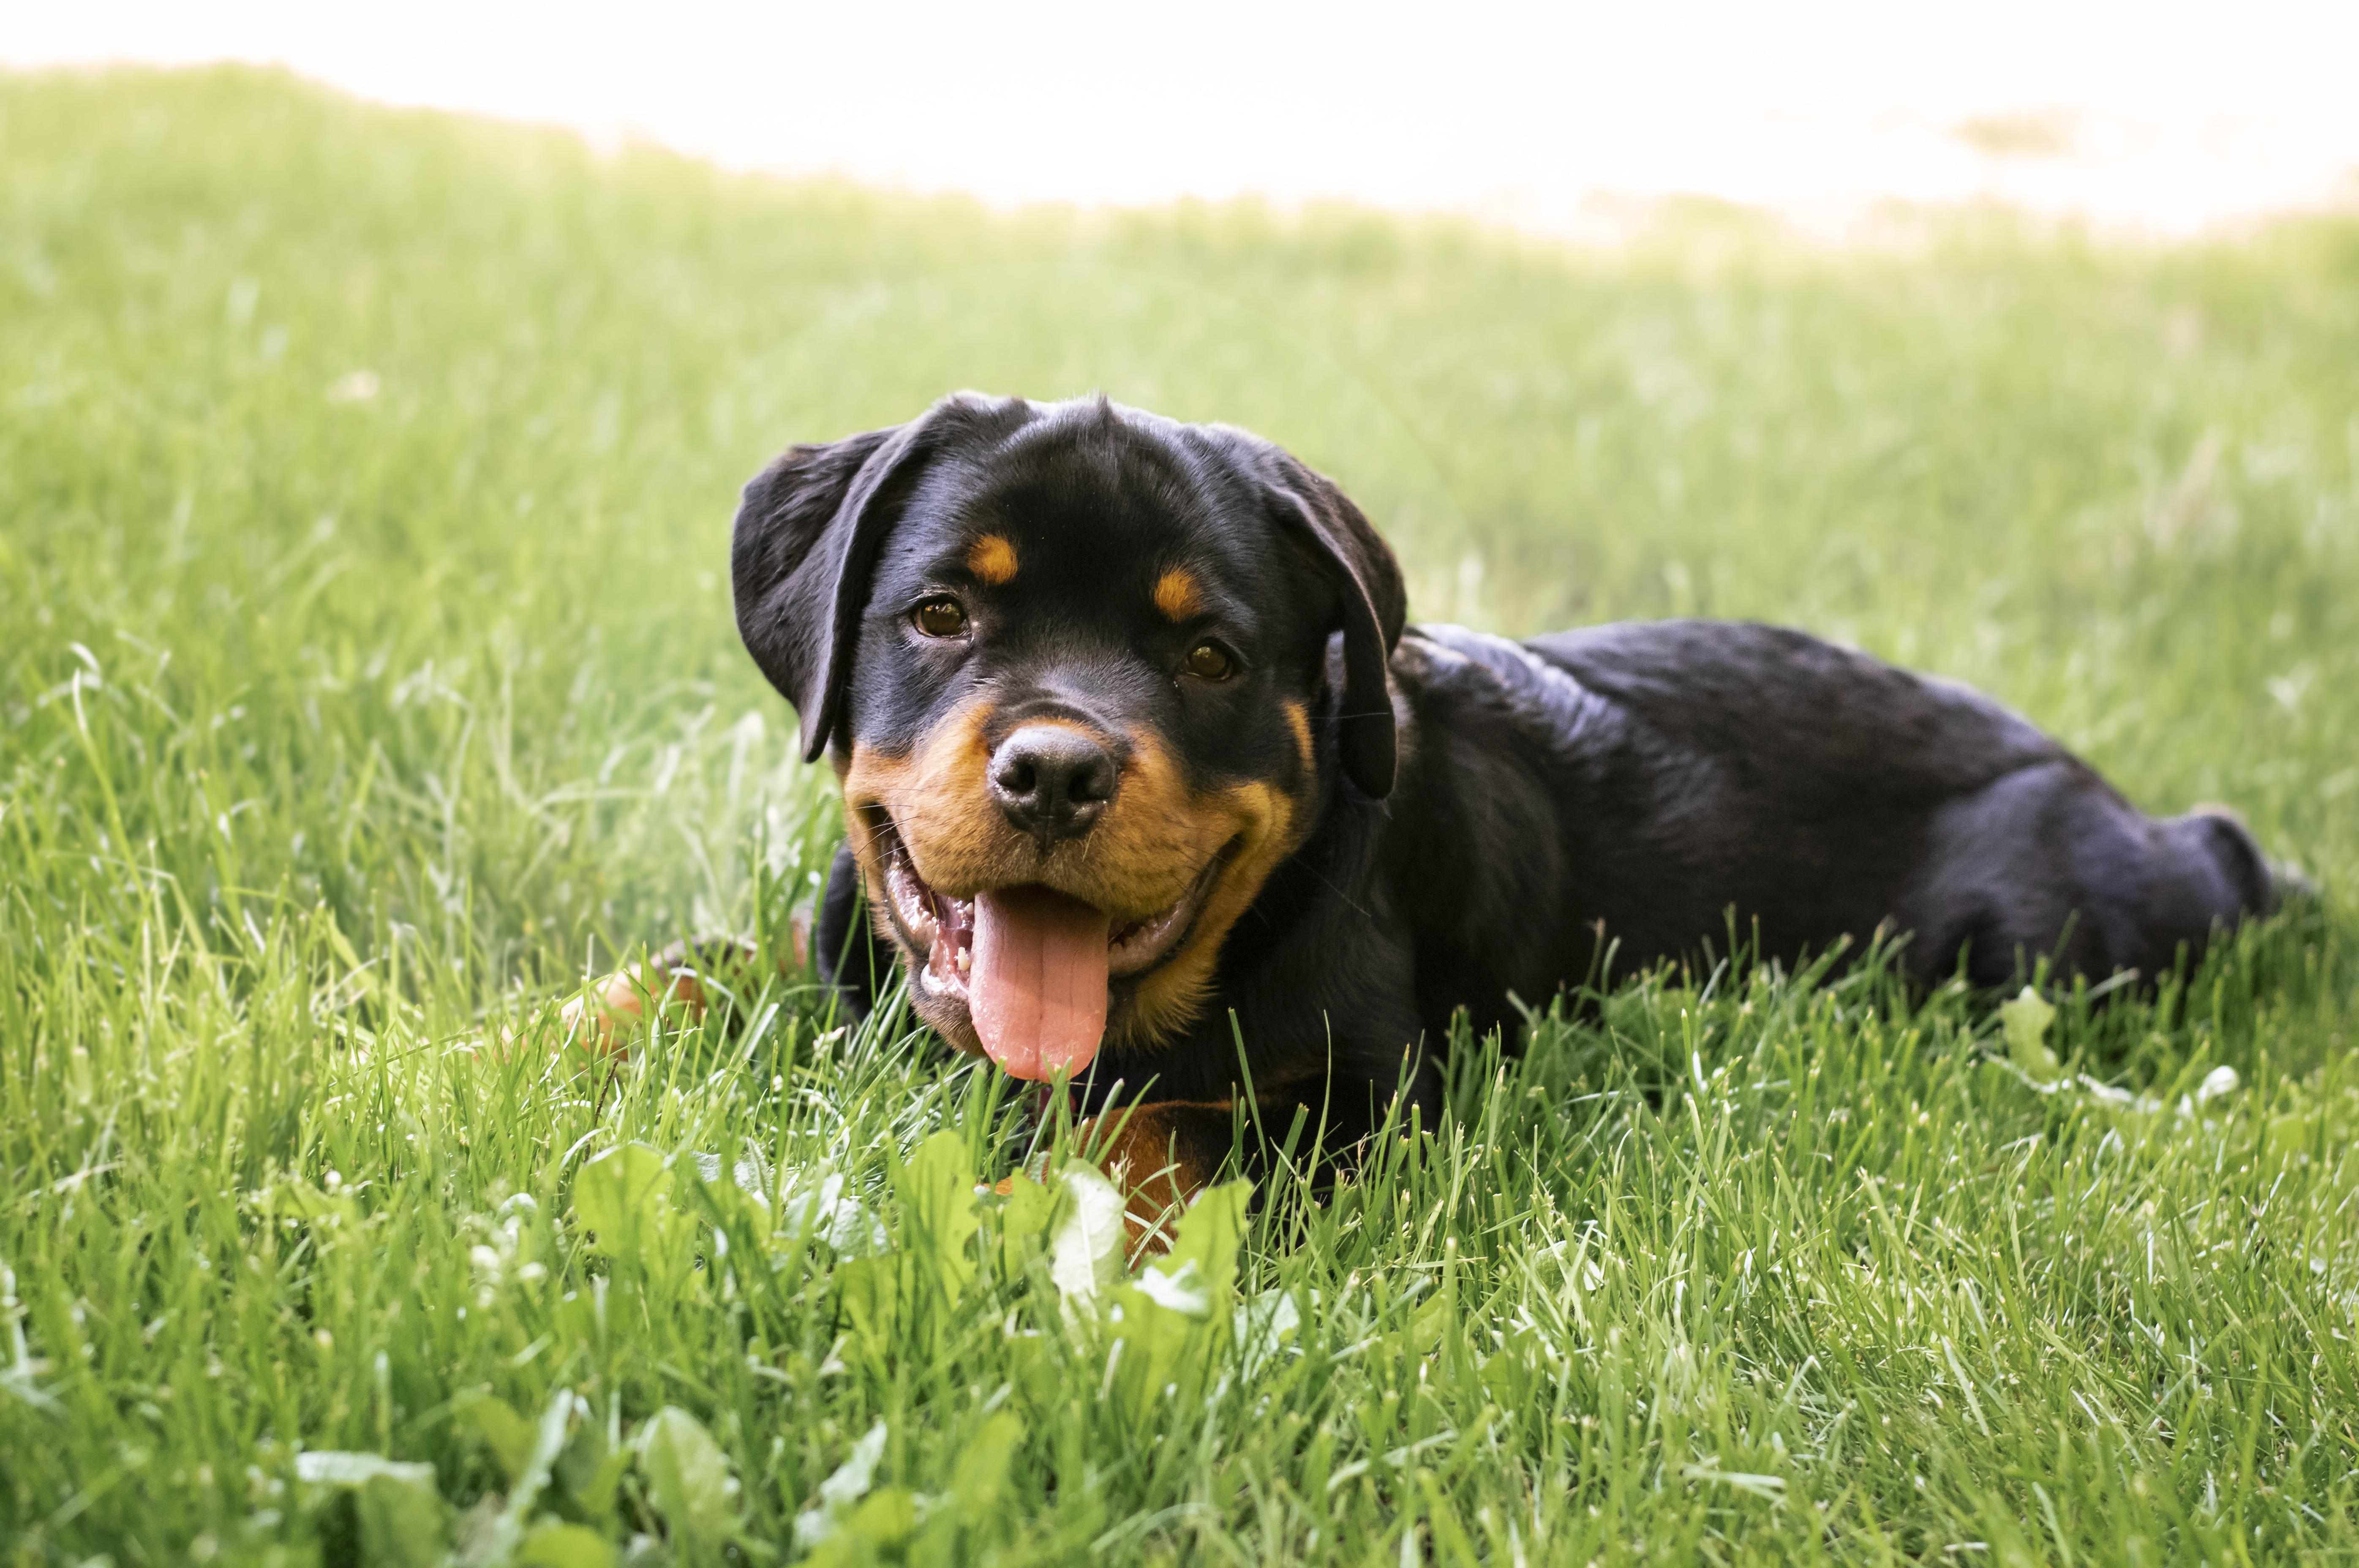 <p><strong>Ротвайлер</strong></p>  <p>Ротвайлерите са изключително силна порода кучета. Те имат добре развити пастирски и охранителни инстинкти. Поради страшния им външен вид те добиват лоша слава и много хора се боят от тях. Както при всяка друга порода, потенциално опасното поведение при ротвайлерите обикновено е в резултат на безотговорността на собствениците, липсата на грижи или липсата на социализация и правилно обучение. Независимо от това, силата на ротвайлера е нещо, което не бива да се подценява.</p>